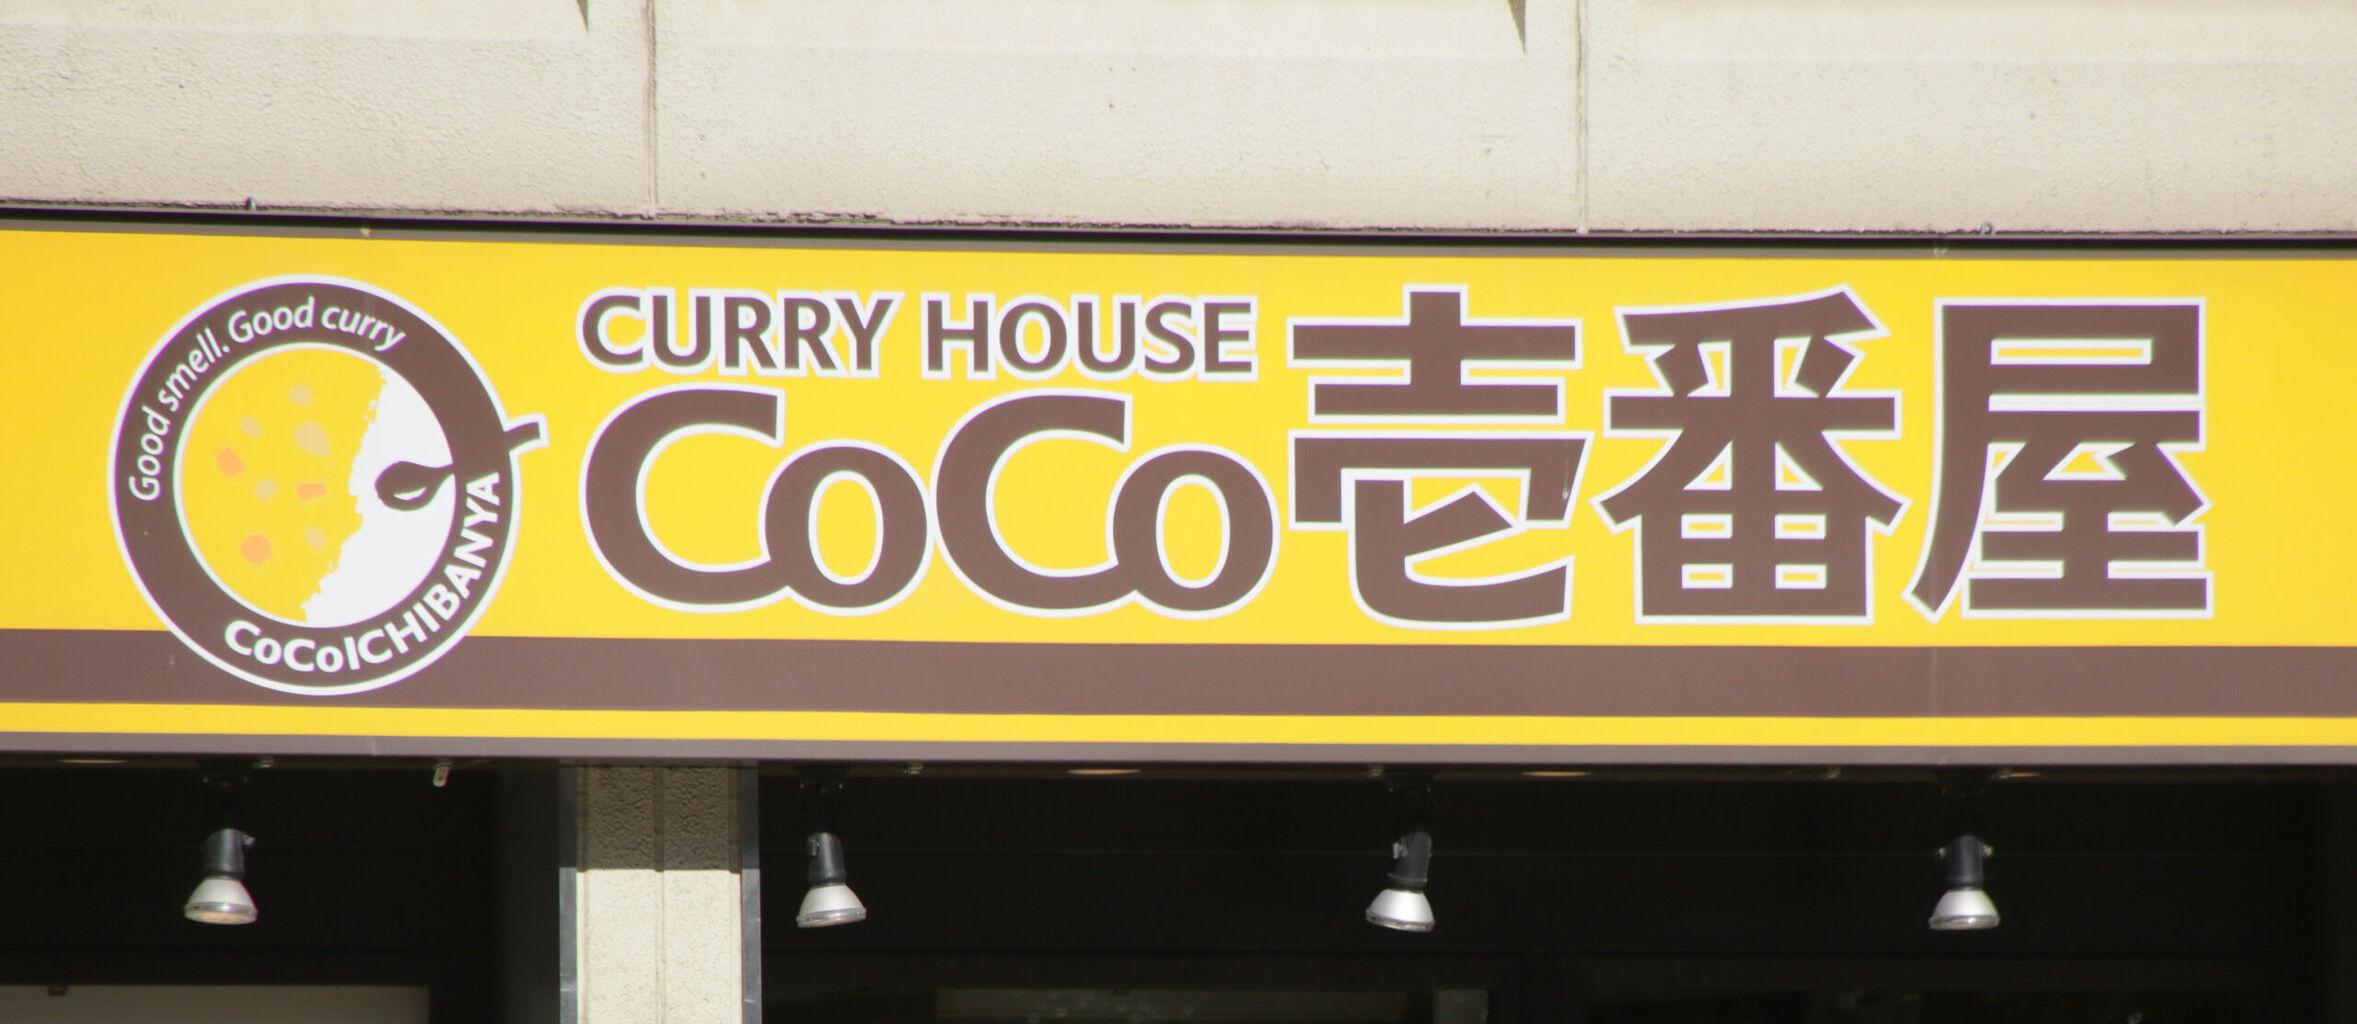 【動画】CoCo 壱(ココイチ)のバイトテロ、犯人の名前が特定されLINEが流出…店舗名も暴露される